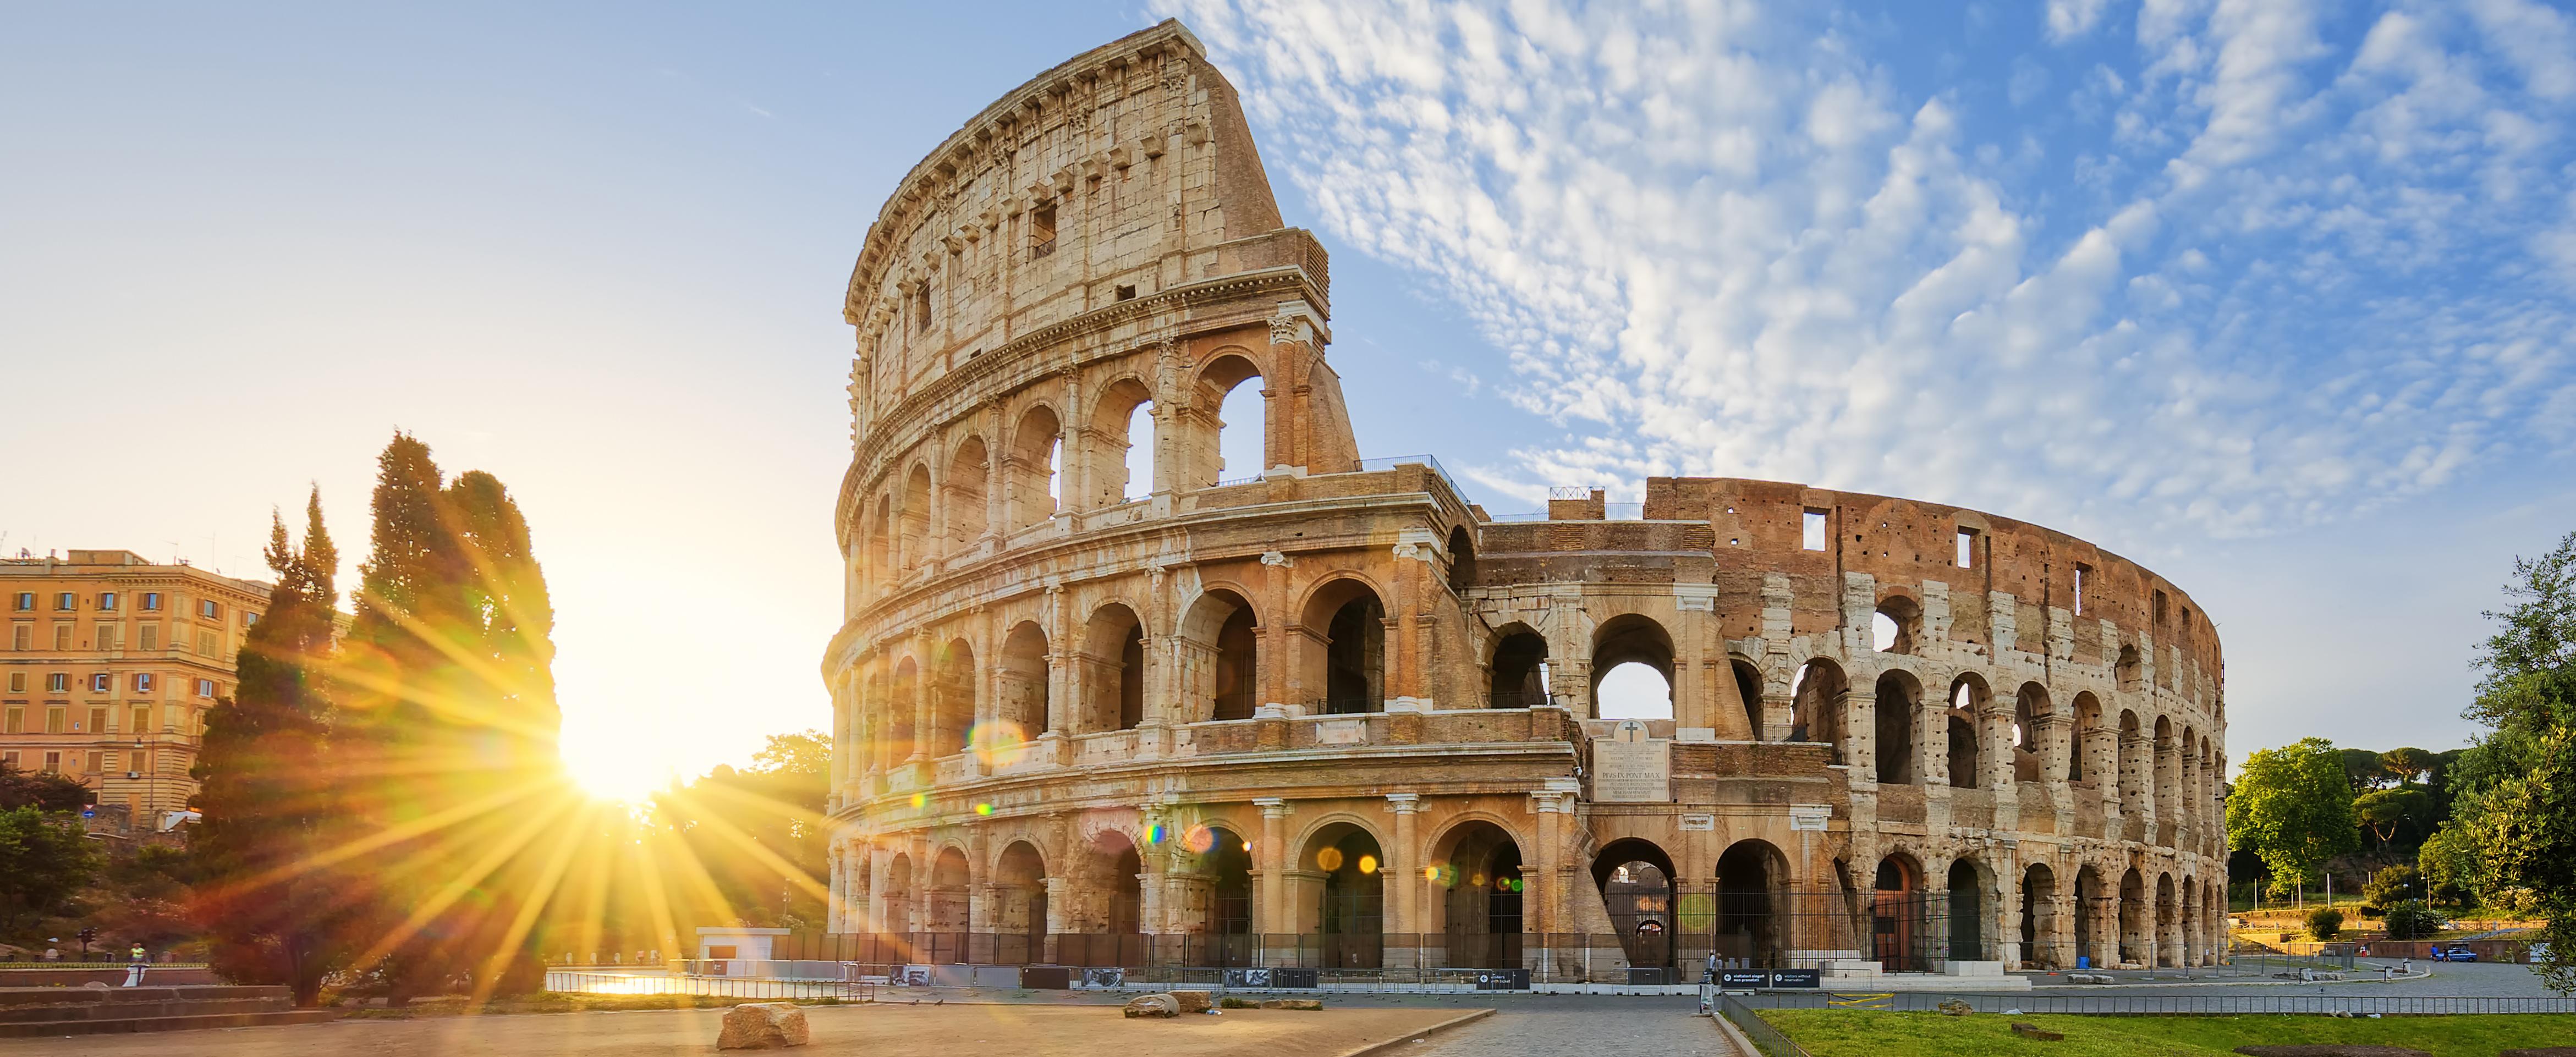 Afbeeldingsresultaat voor rome beautiful photo